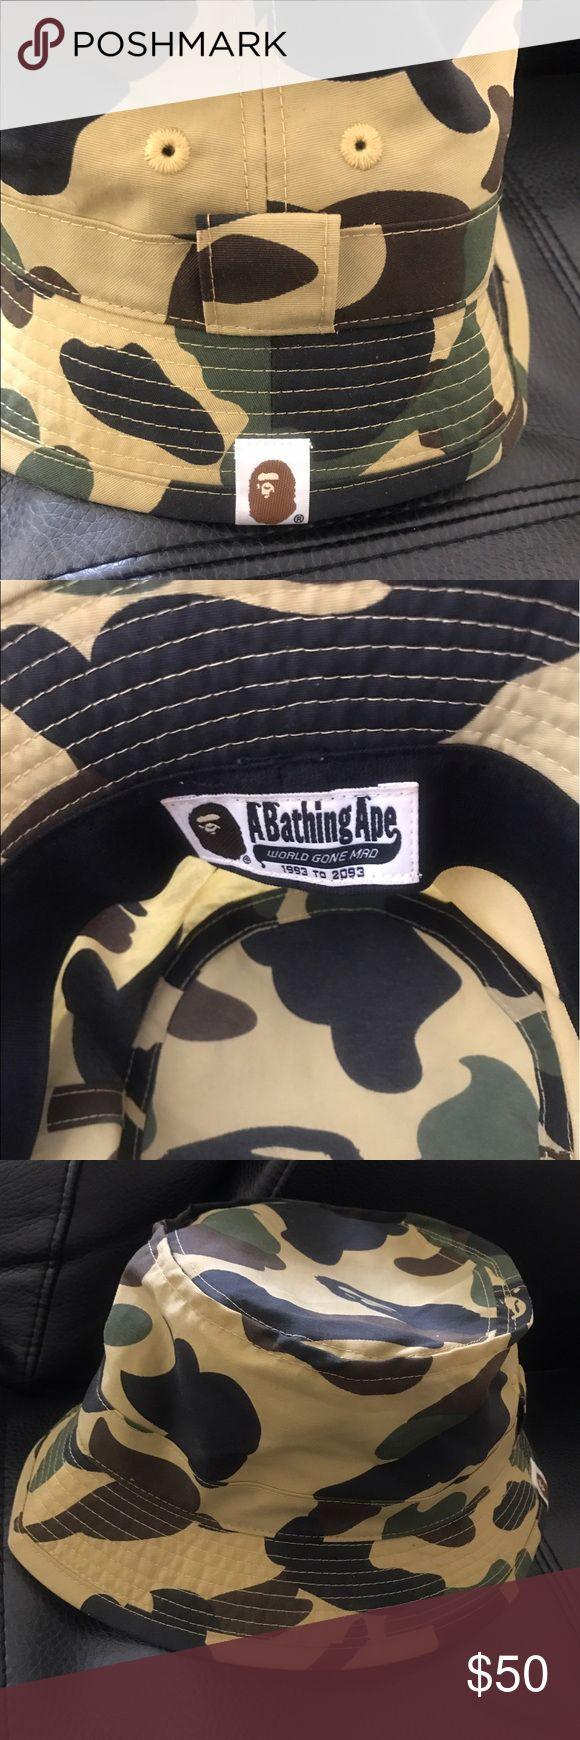 BAPE Ape Hat Excellent condition. authentic. has gold BAPE tag inside of hat. bape Ape Accessories Hats